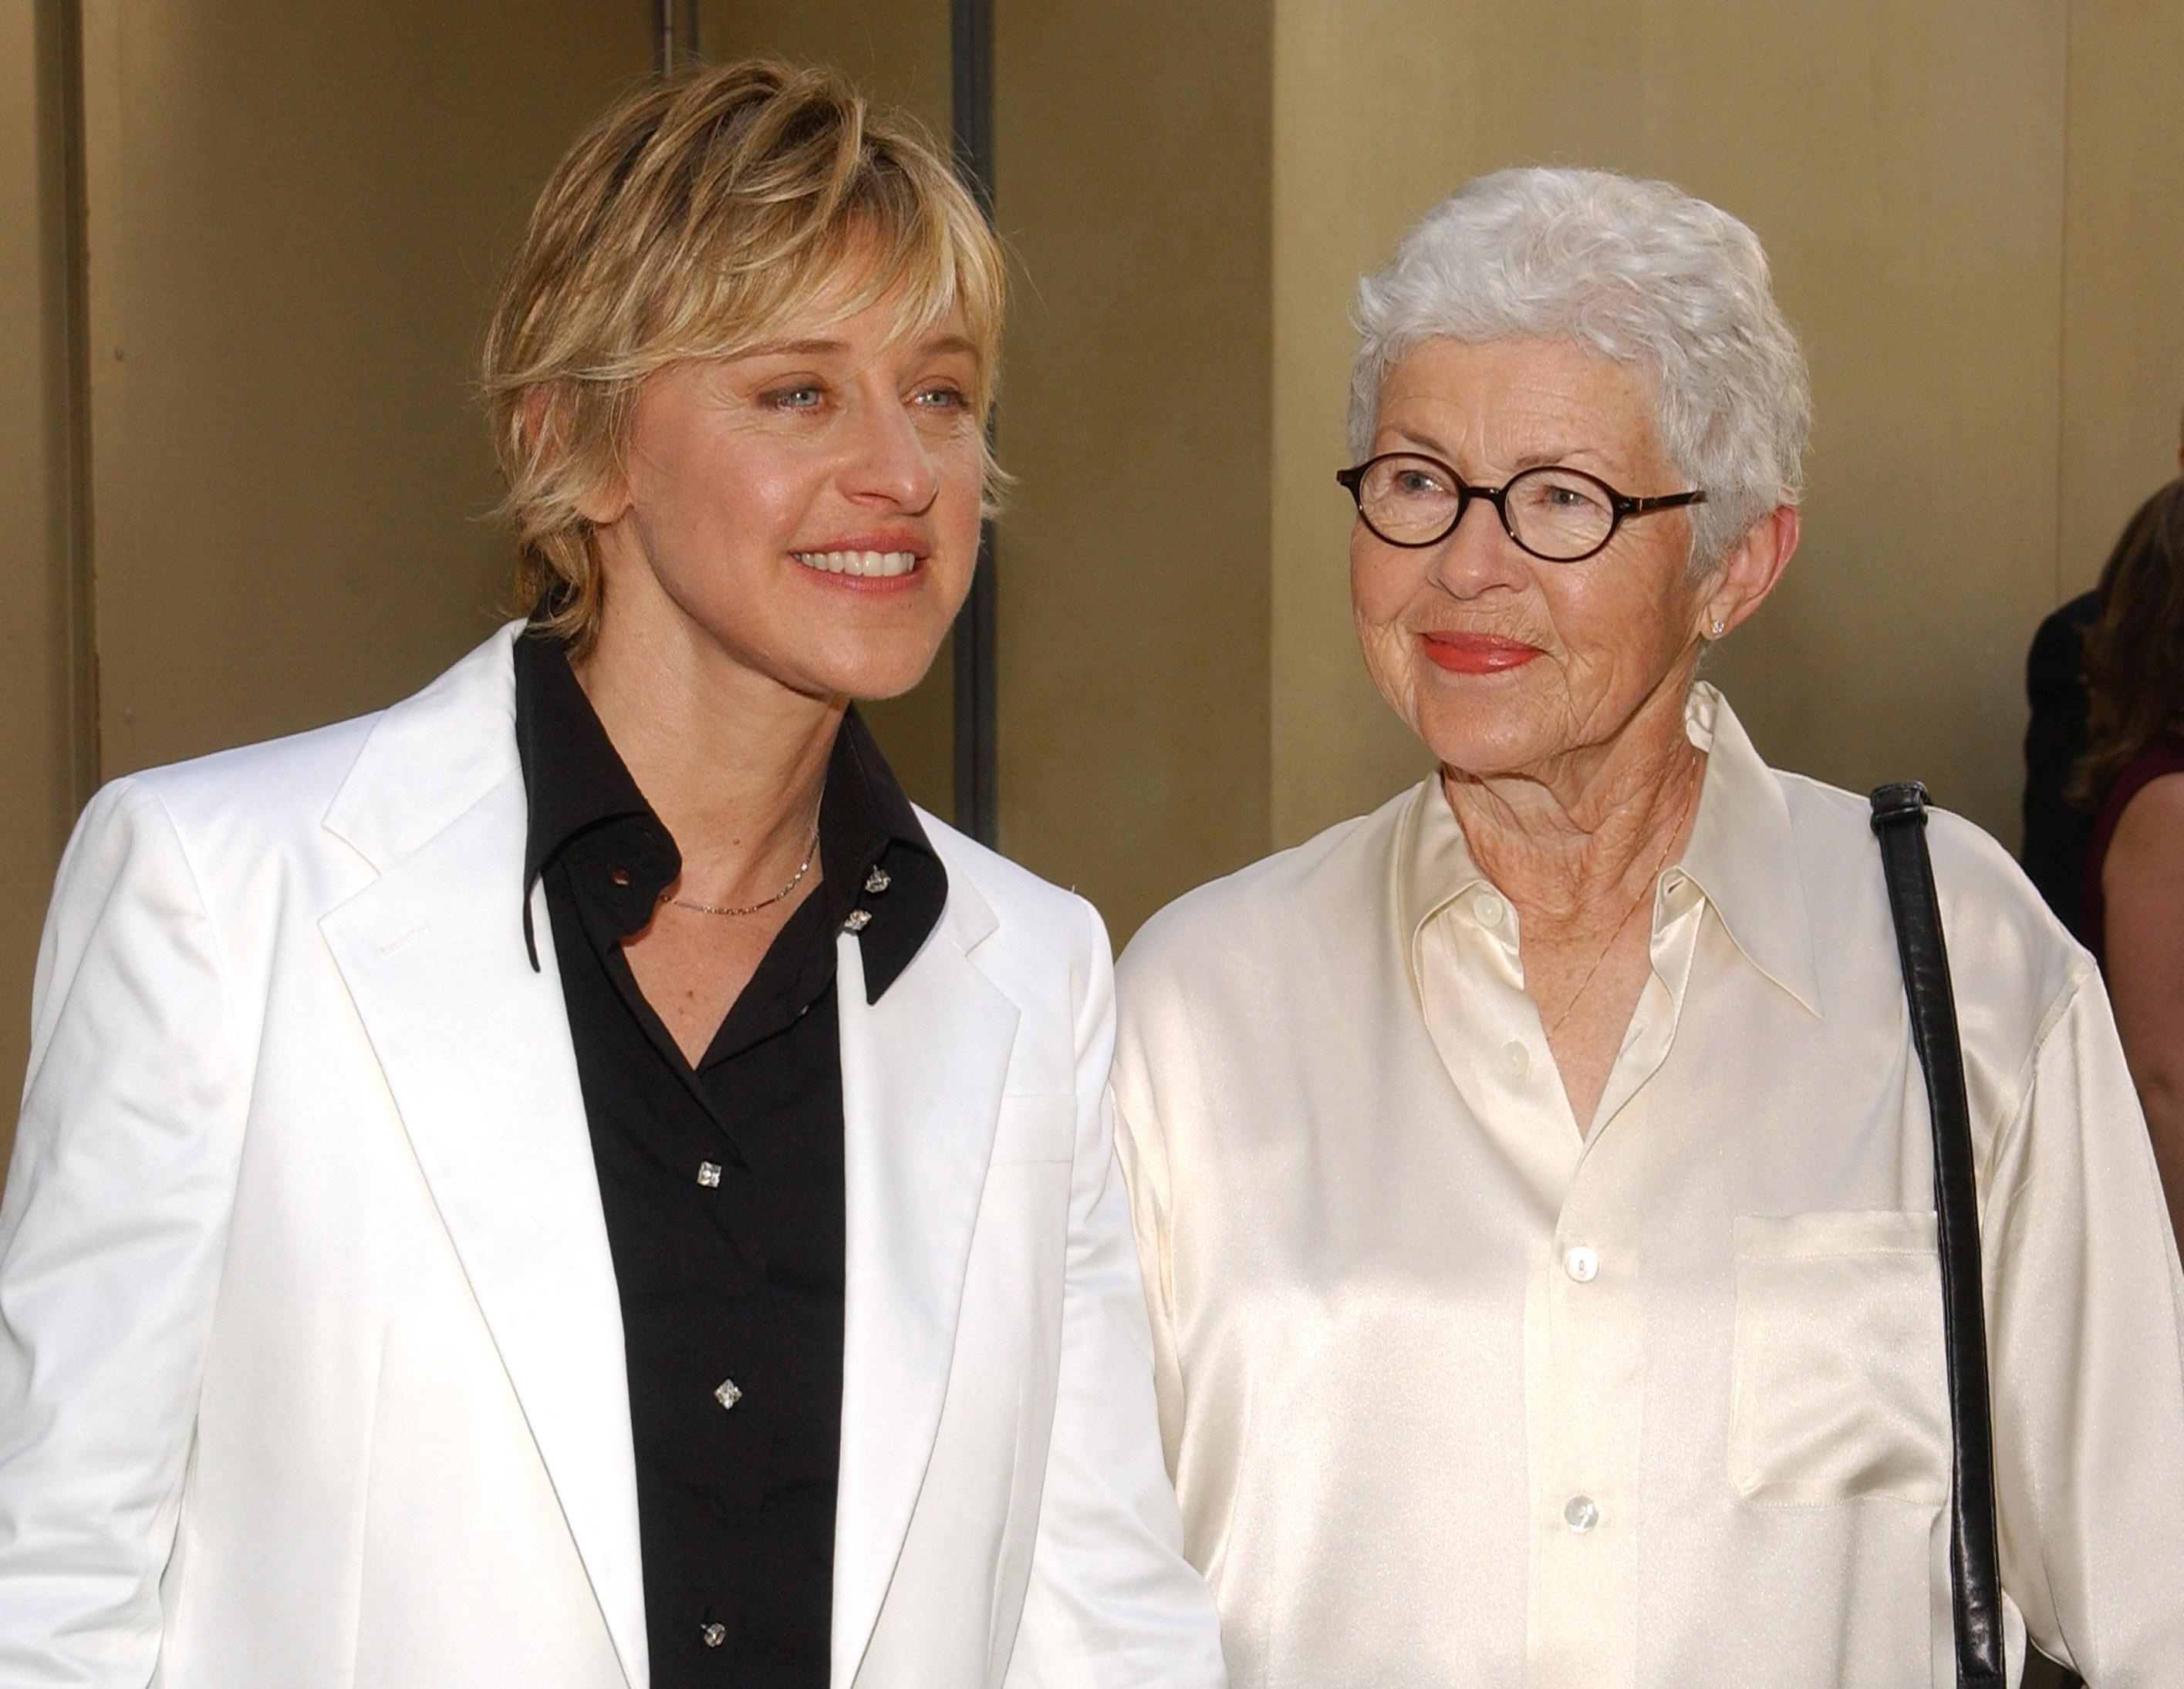 Ellen Degeneres Mom Regrets Not Believing Her Sexual